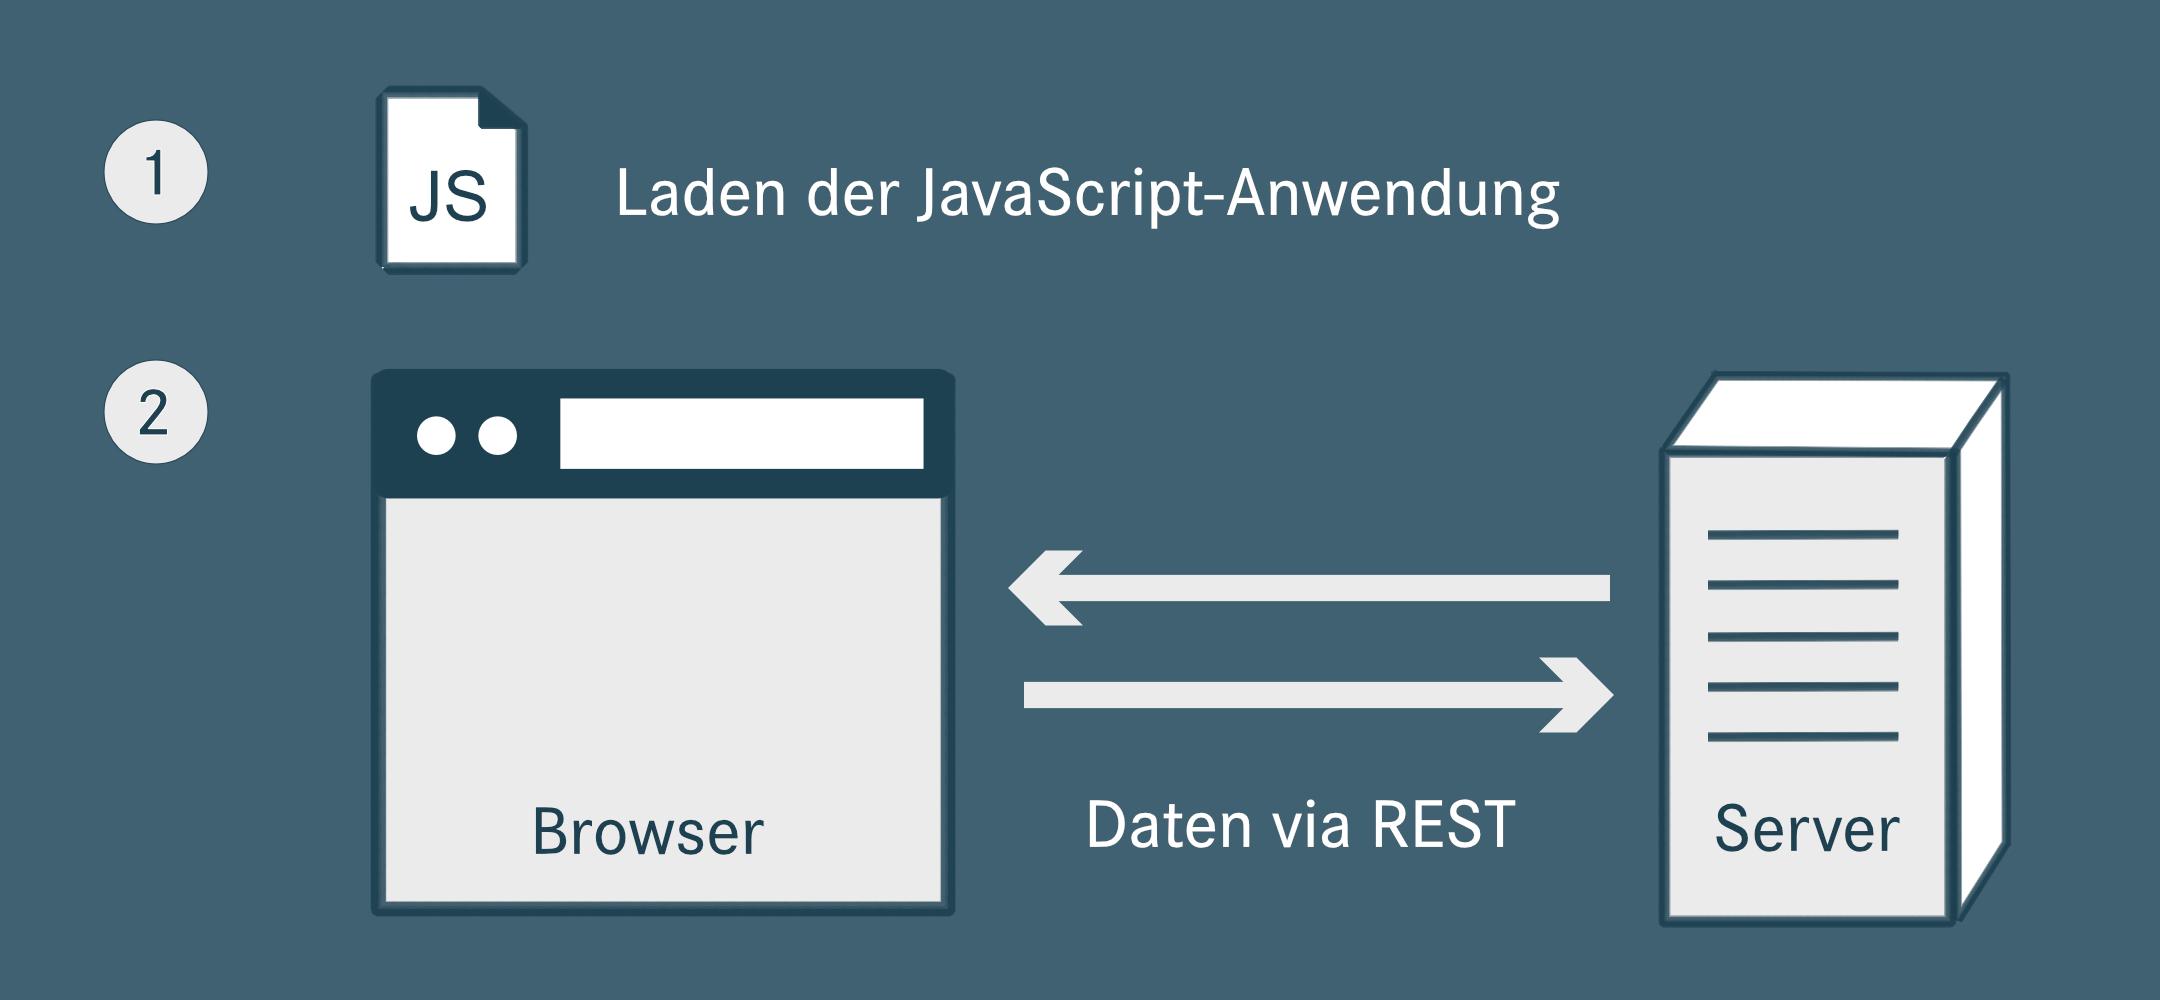 Datenaustausch via REST-Service, nachdem die Anwendung einmalig geladen worden ist.